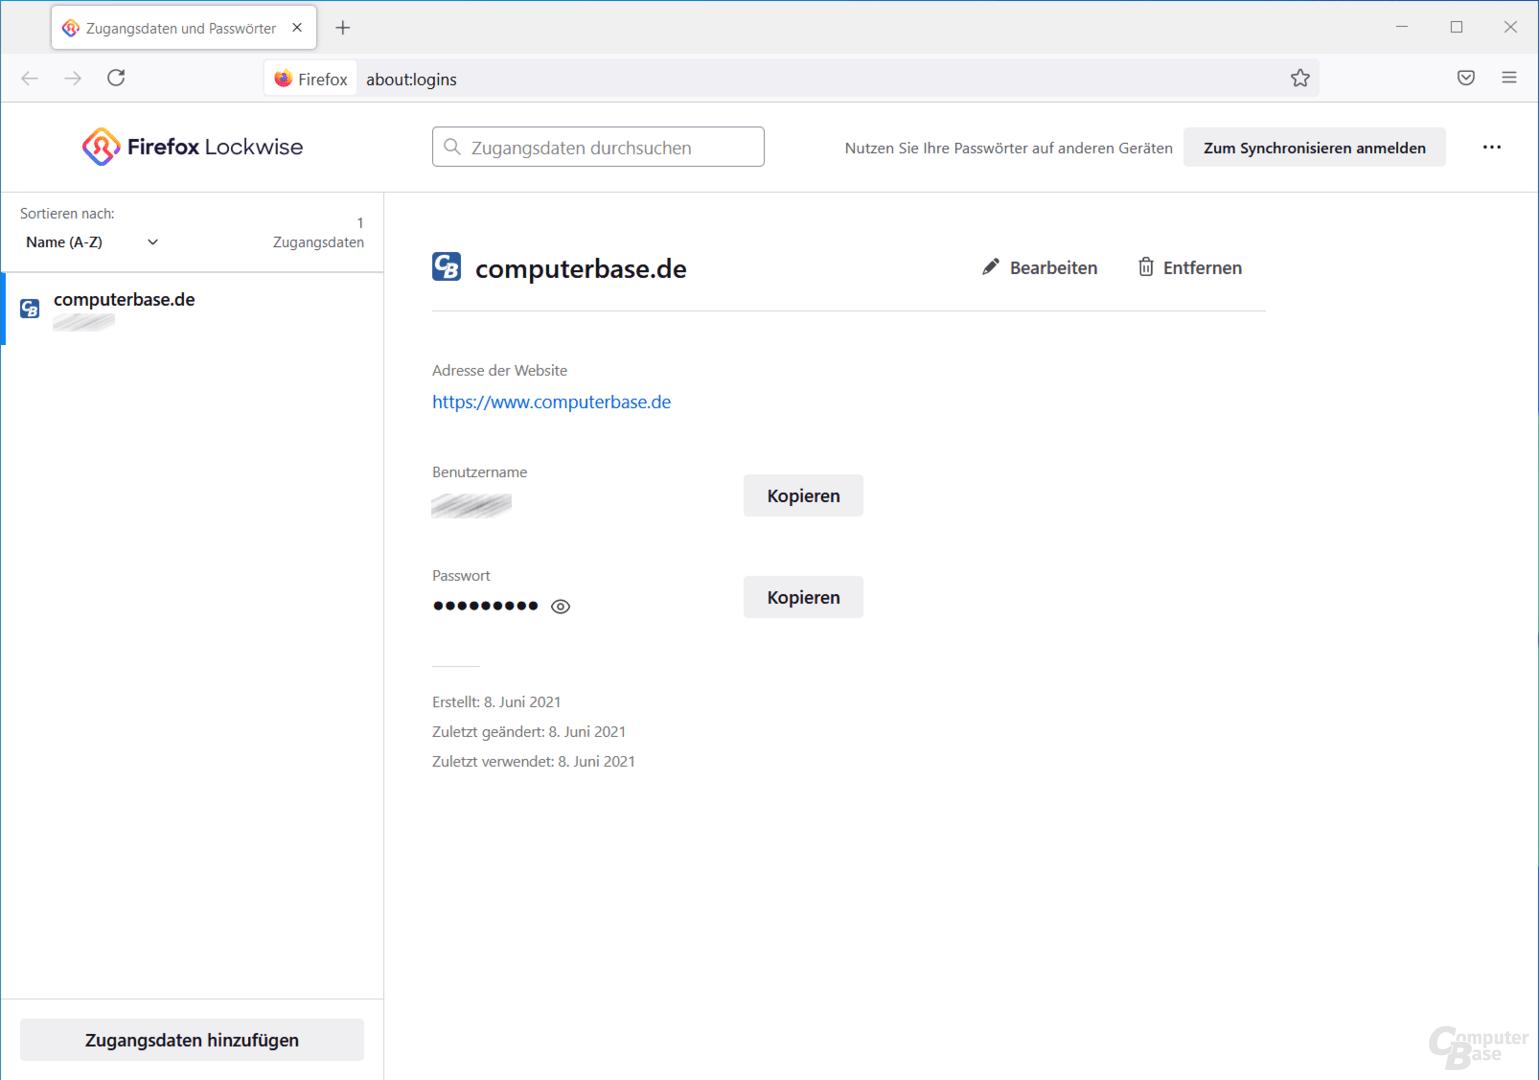 Firefox Lockwise speichert und verwaltet Passwörter übersichtlich.